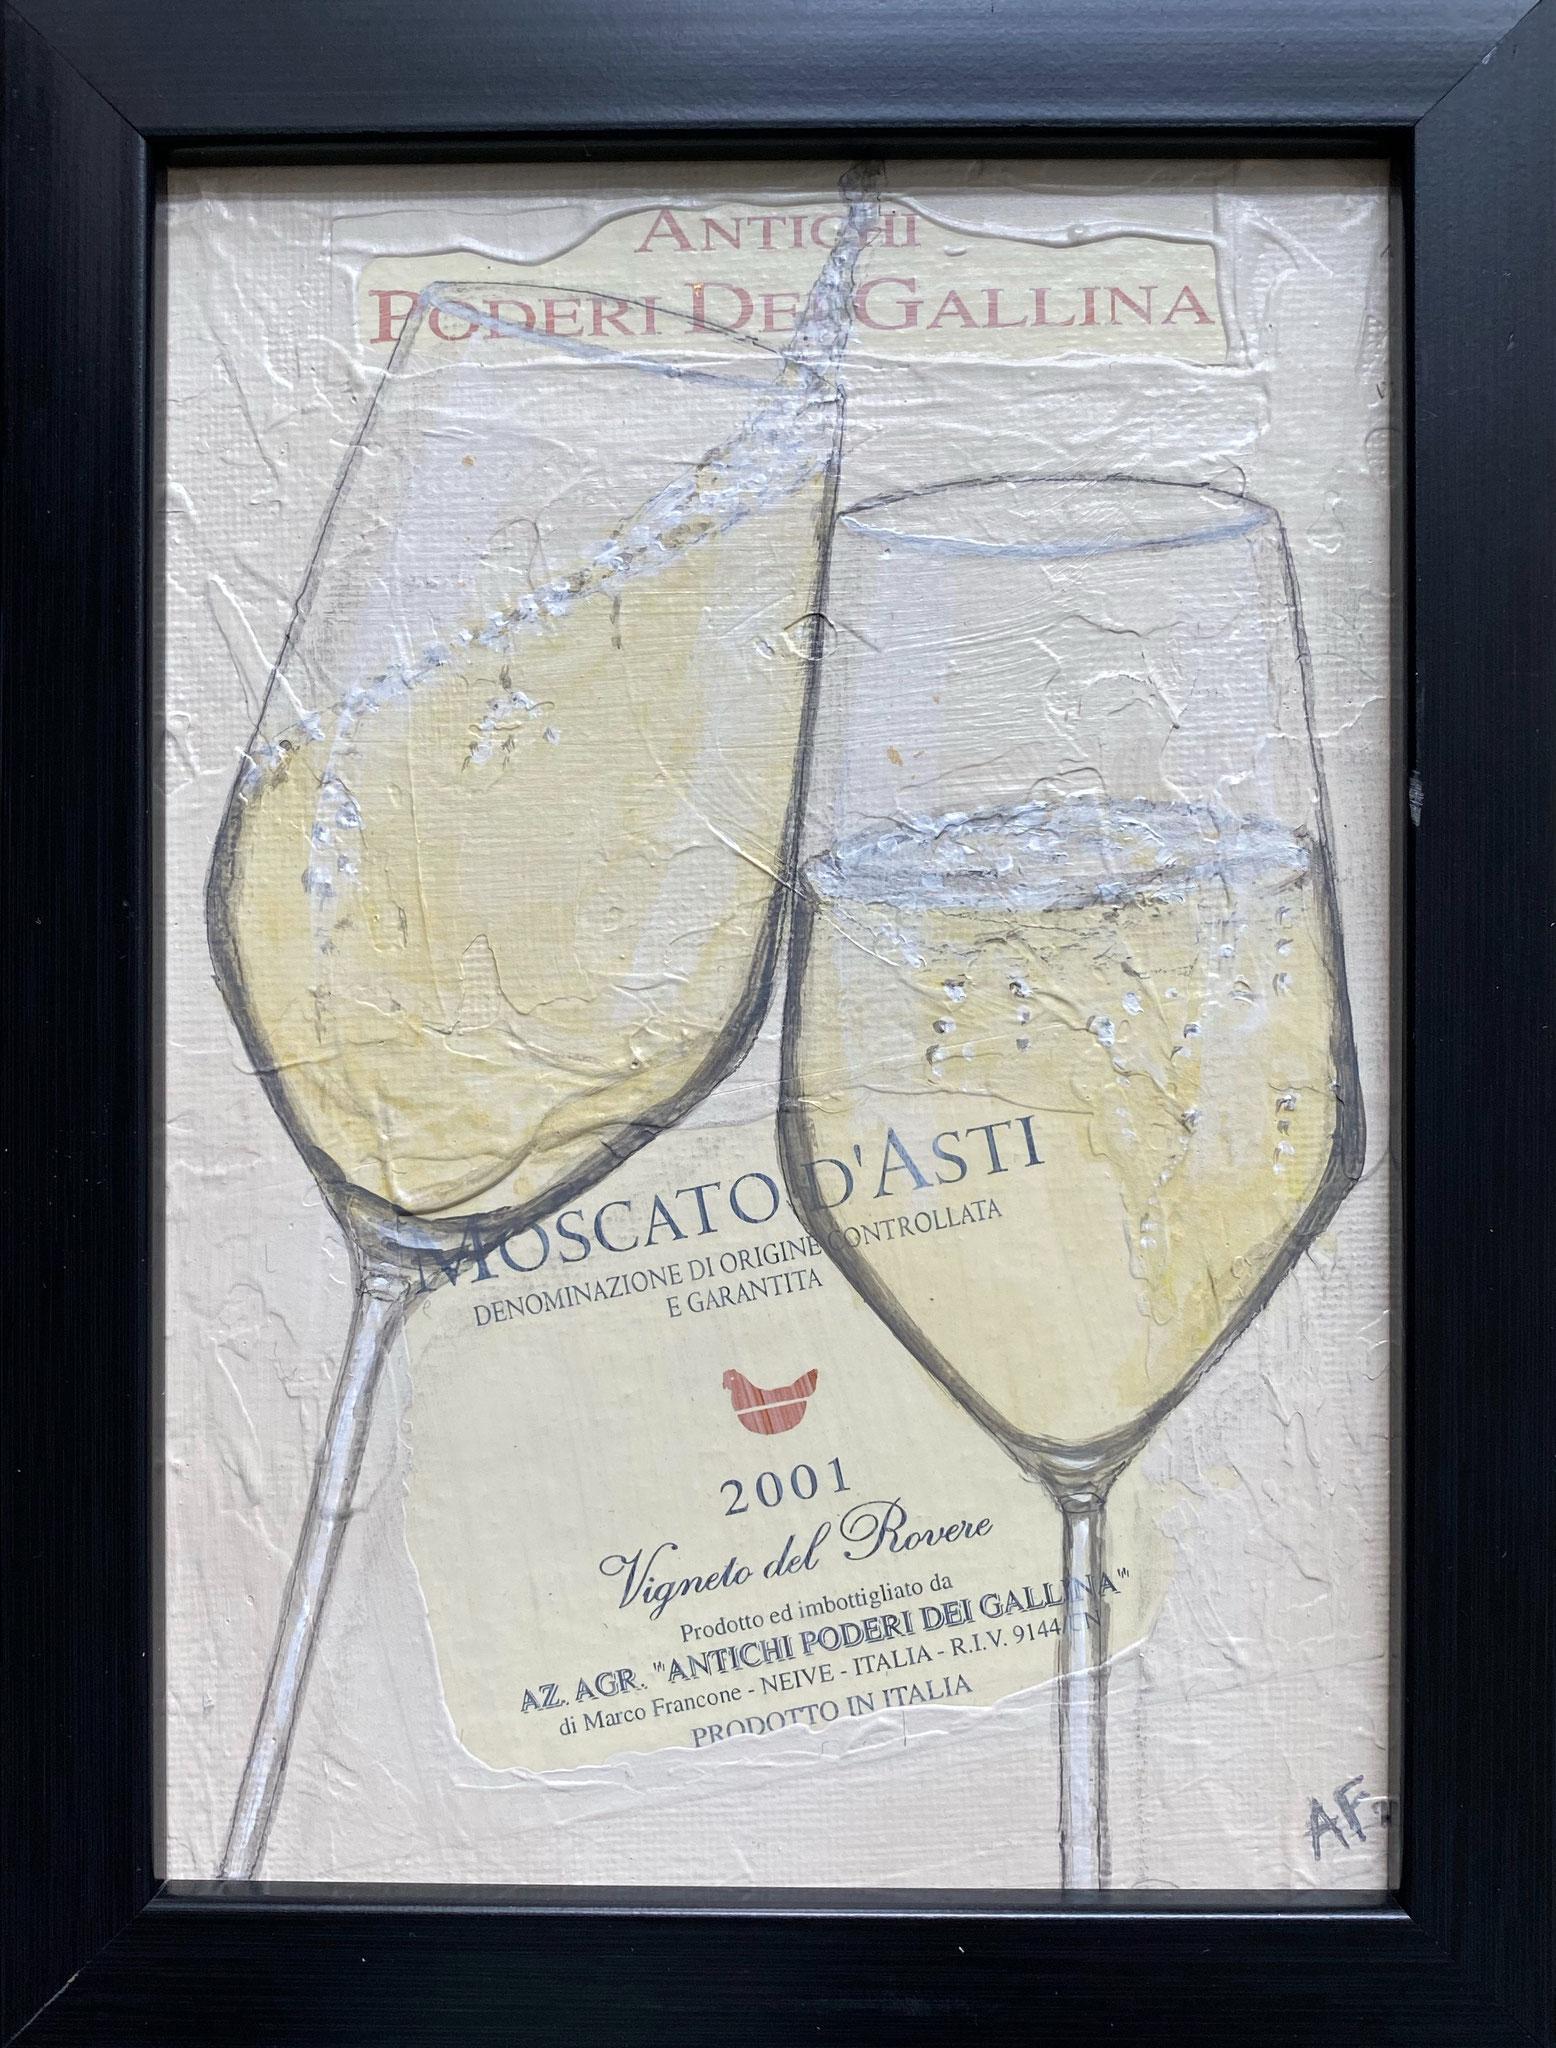 Antichi Poderi dei Gallina - Moscato d'Asti